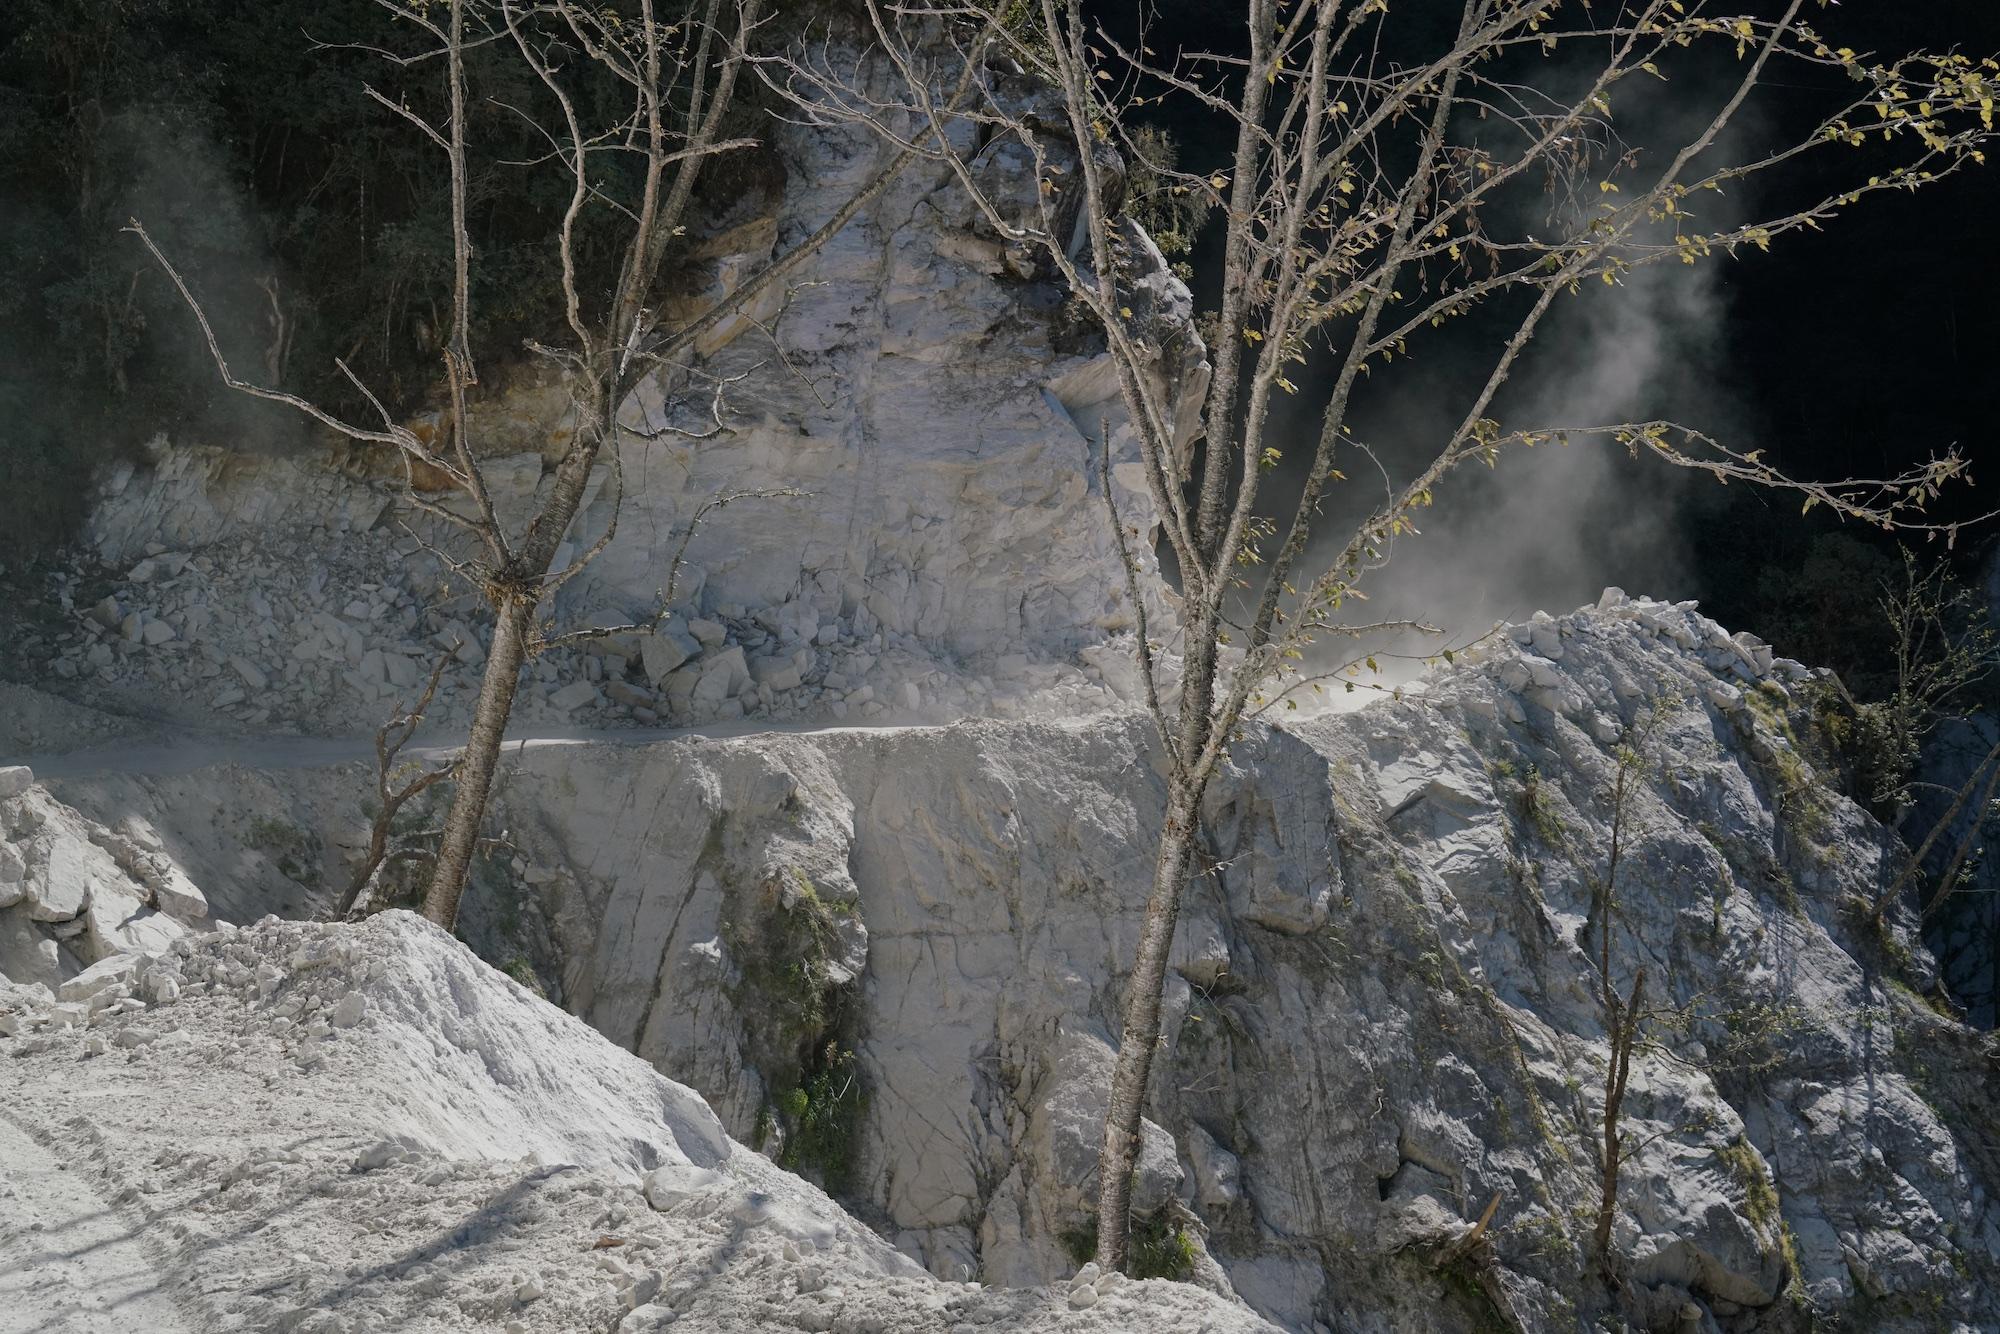 Bhutan-11-17-16- DSC04114.jpg